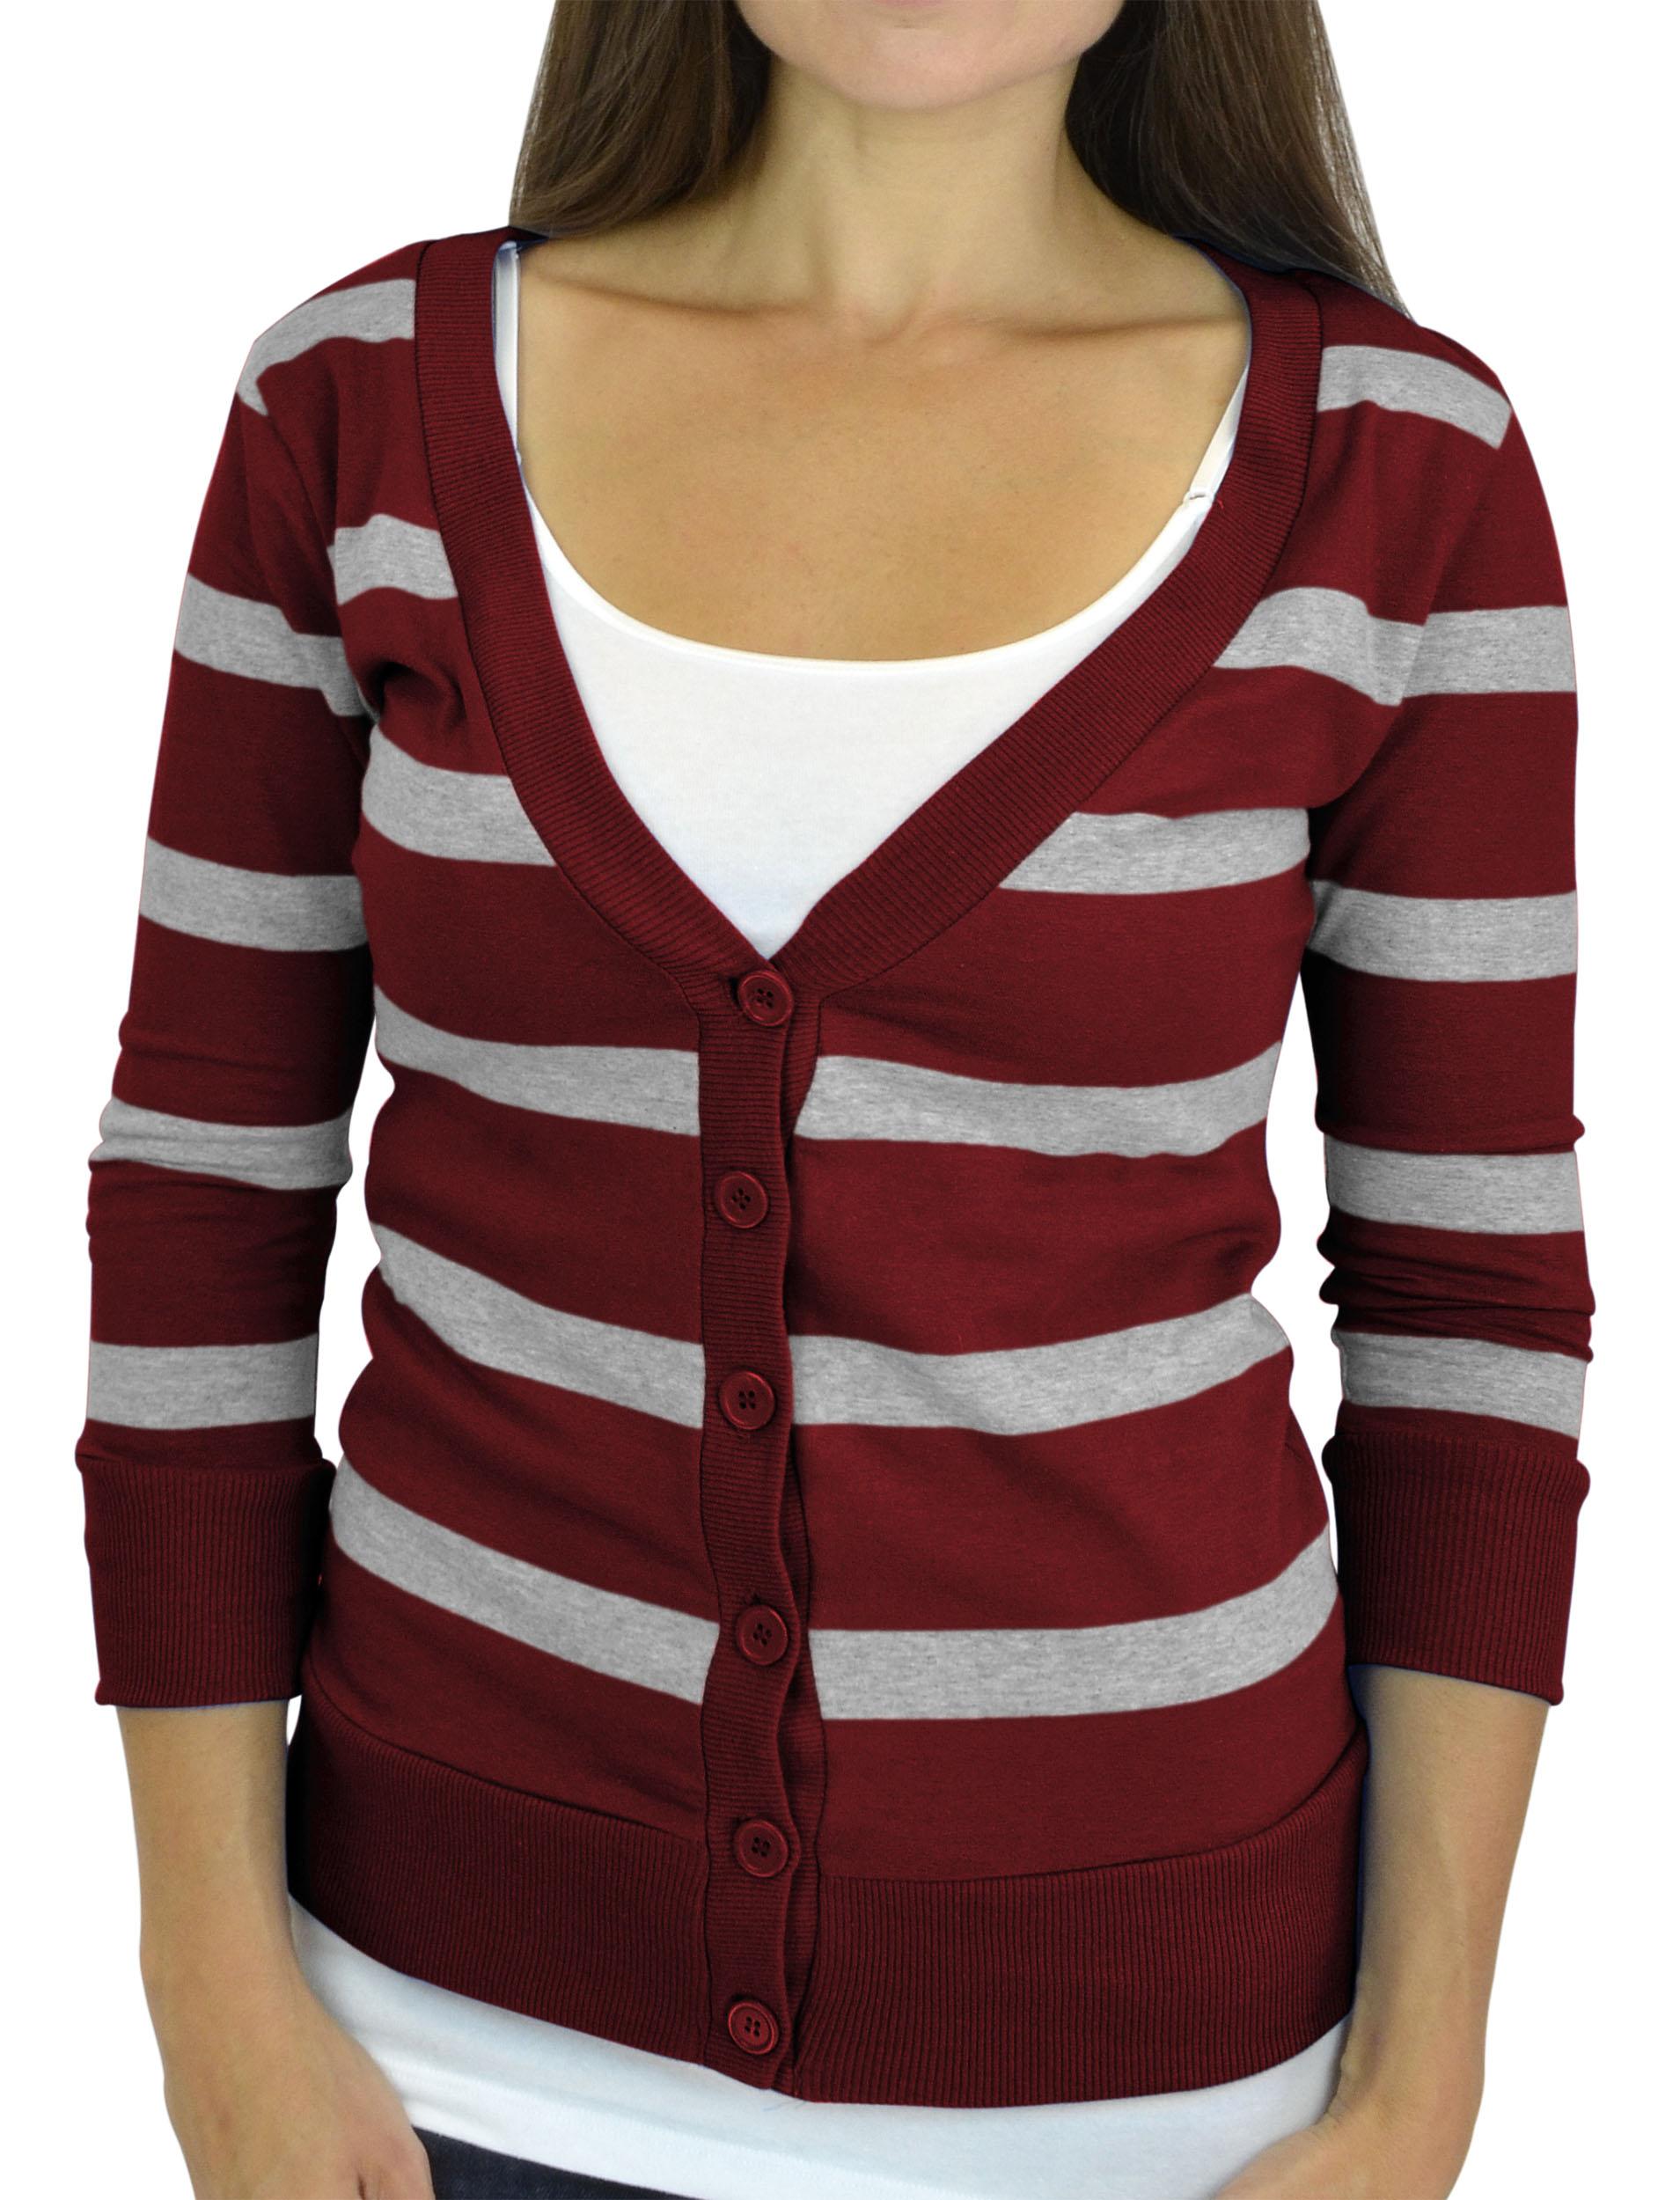 Belle Donne - Women / Girl Junior Size Soft 3/4 Sleeve V-Neck Sweater Cardigans - Burgundy/Small